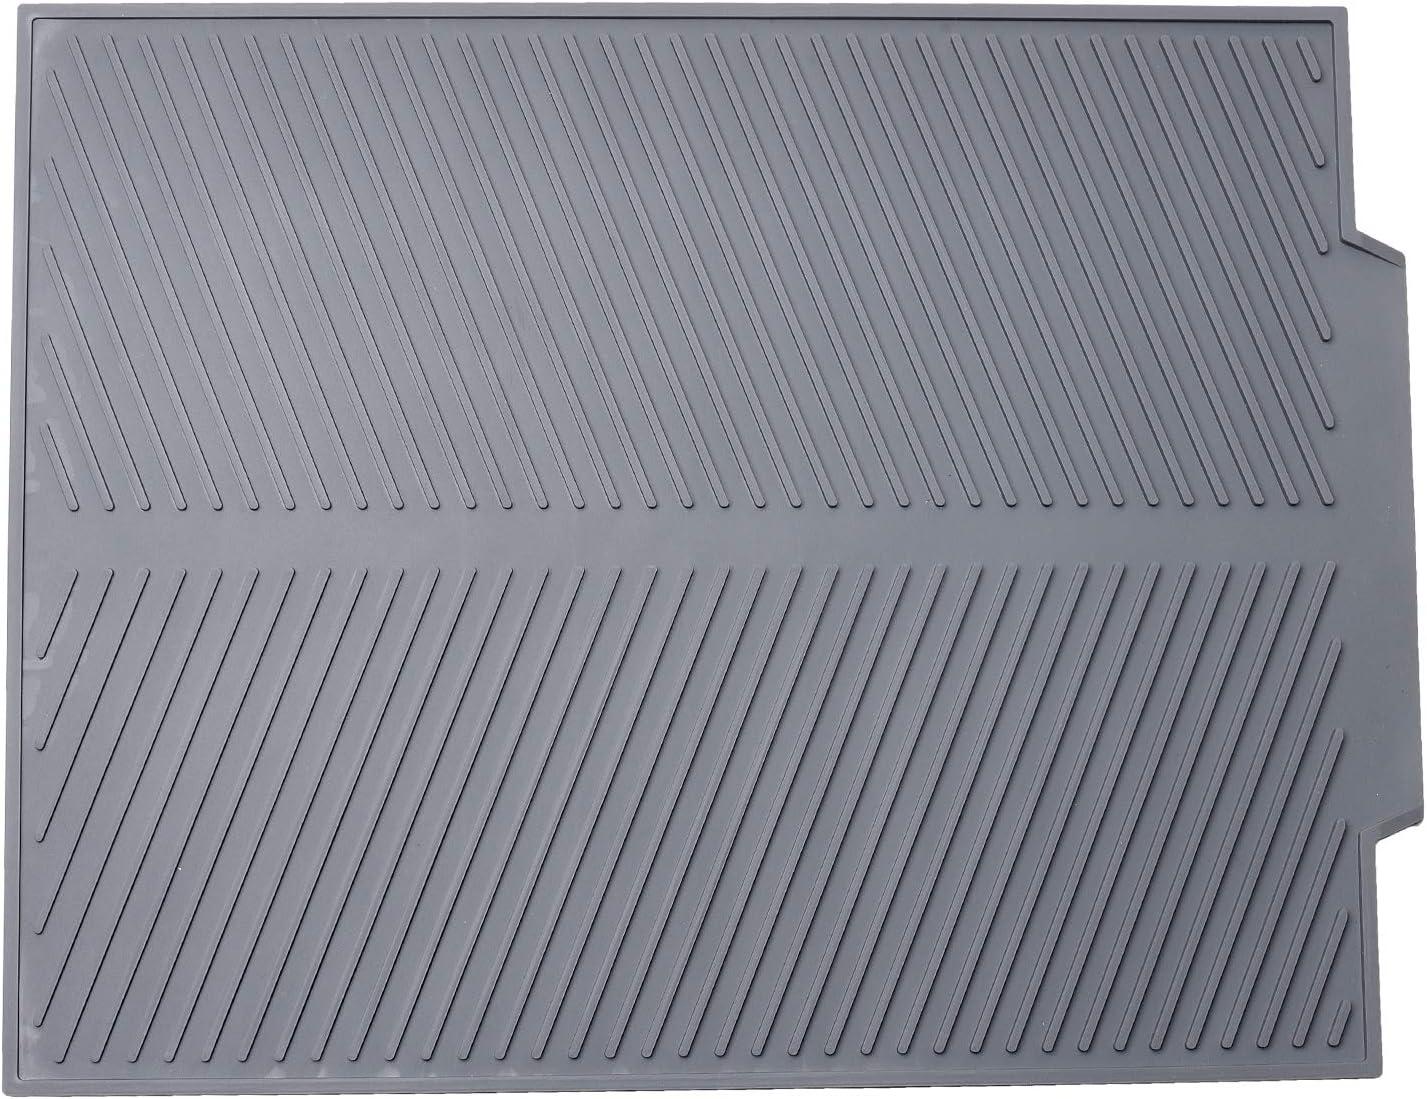 Alfombrilla Escurreplatos Silicona, Tapete Microfibra de Cocina Grande de poliéster y Microfibra para un Secado de Platos Rápido Gris 44 x 33cm x 0.6cm